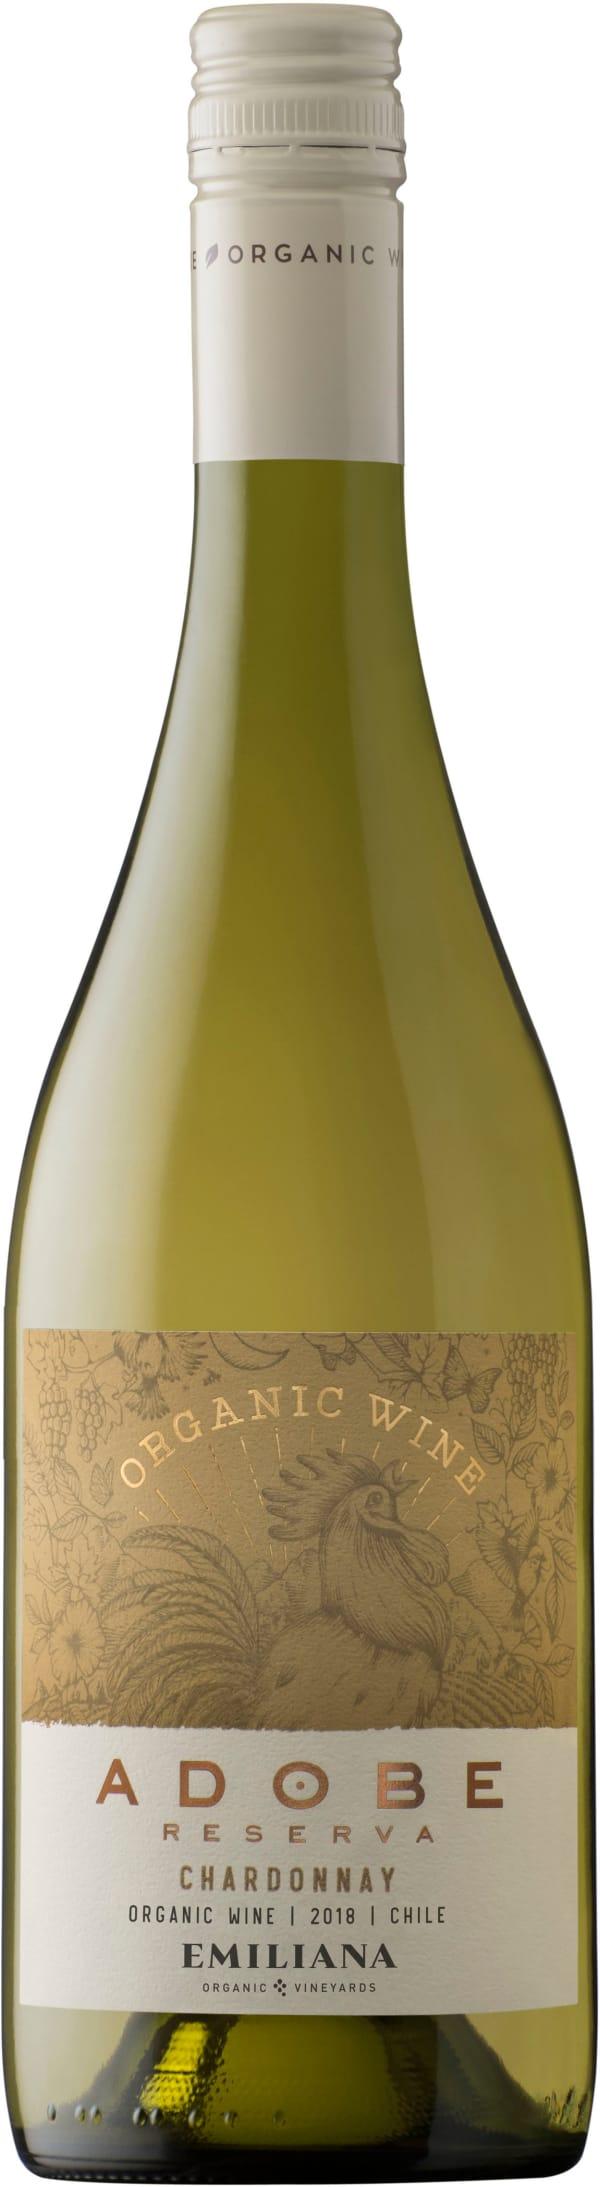 Adobe Reserva Chardonnay 2019